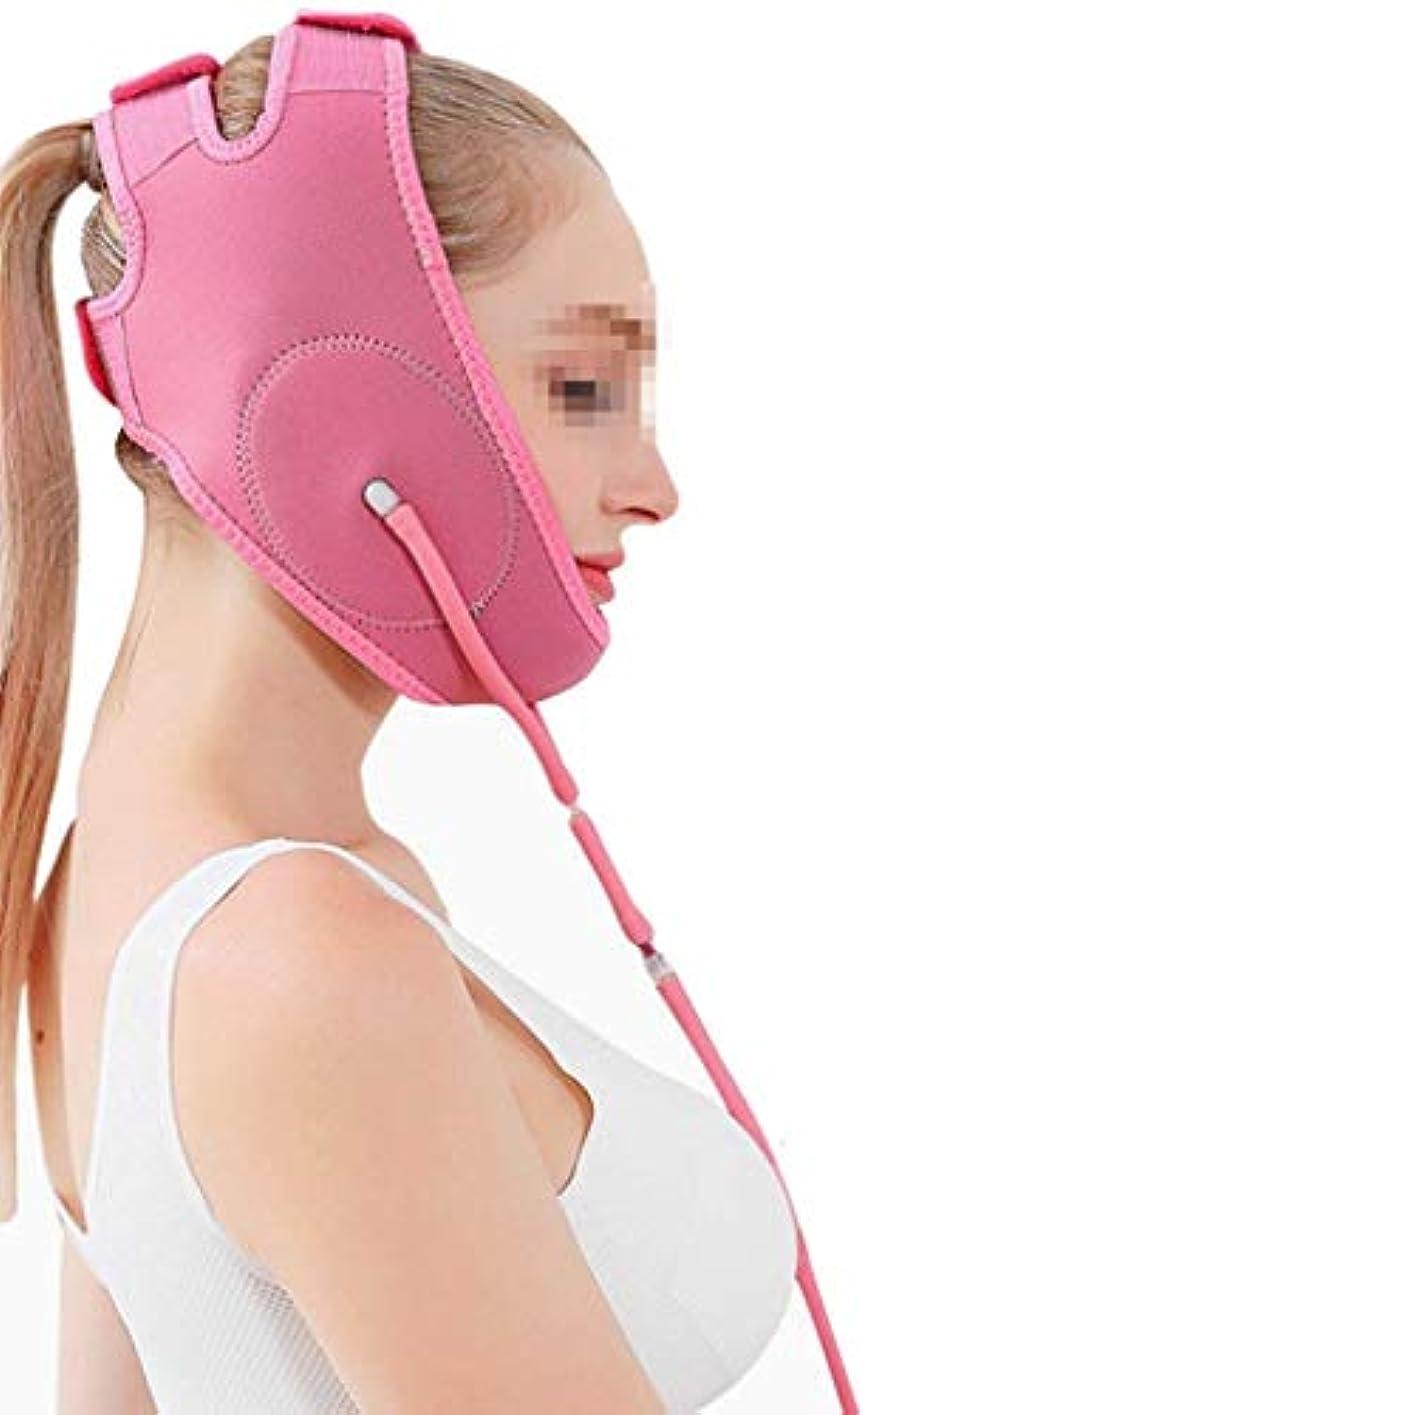 恥把握農業空気圧薄型フェイスベルト、マスクスモールVフェイスプレッシャーリフティングシェイプバイトマッスルファーミングパターンダブルチンバンデージシンフェイスバンデージマルチカラーオプション(色:ピンク)